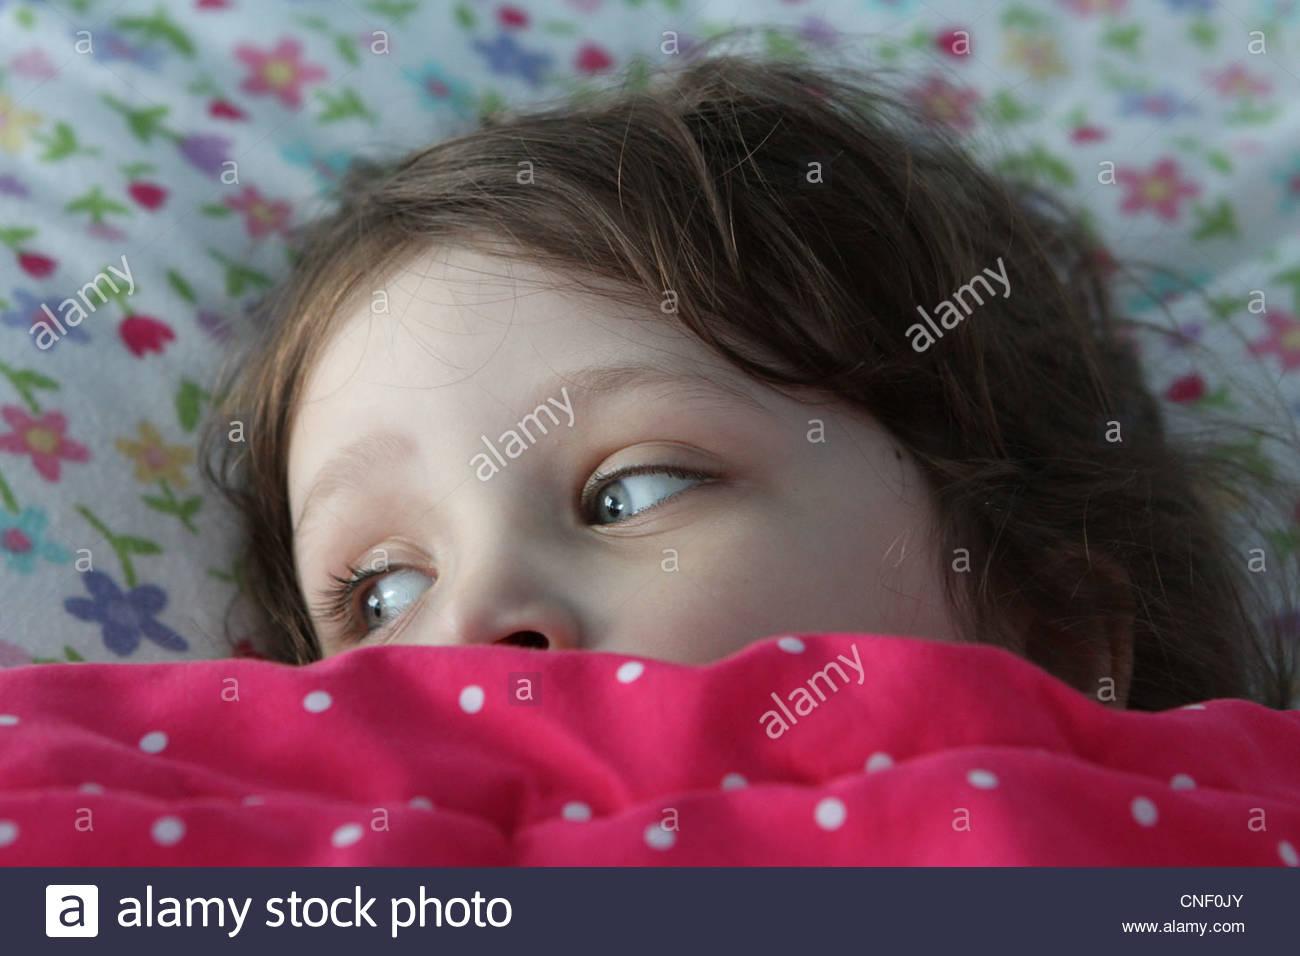 Uma criança pequena na cama com cobertores puxada para cima para os olhos. Imagens de Stock